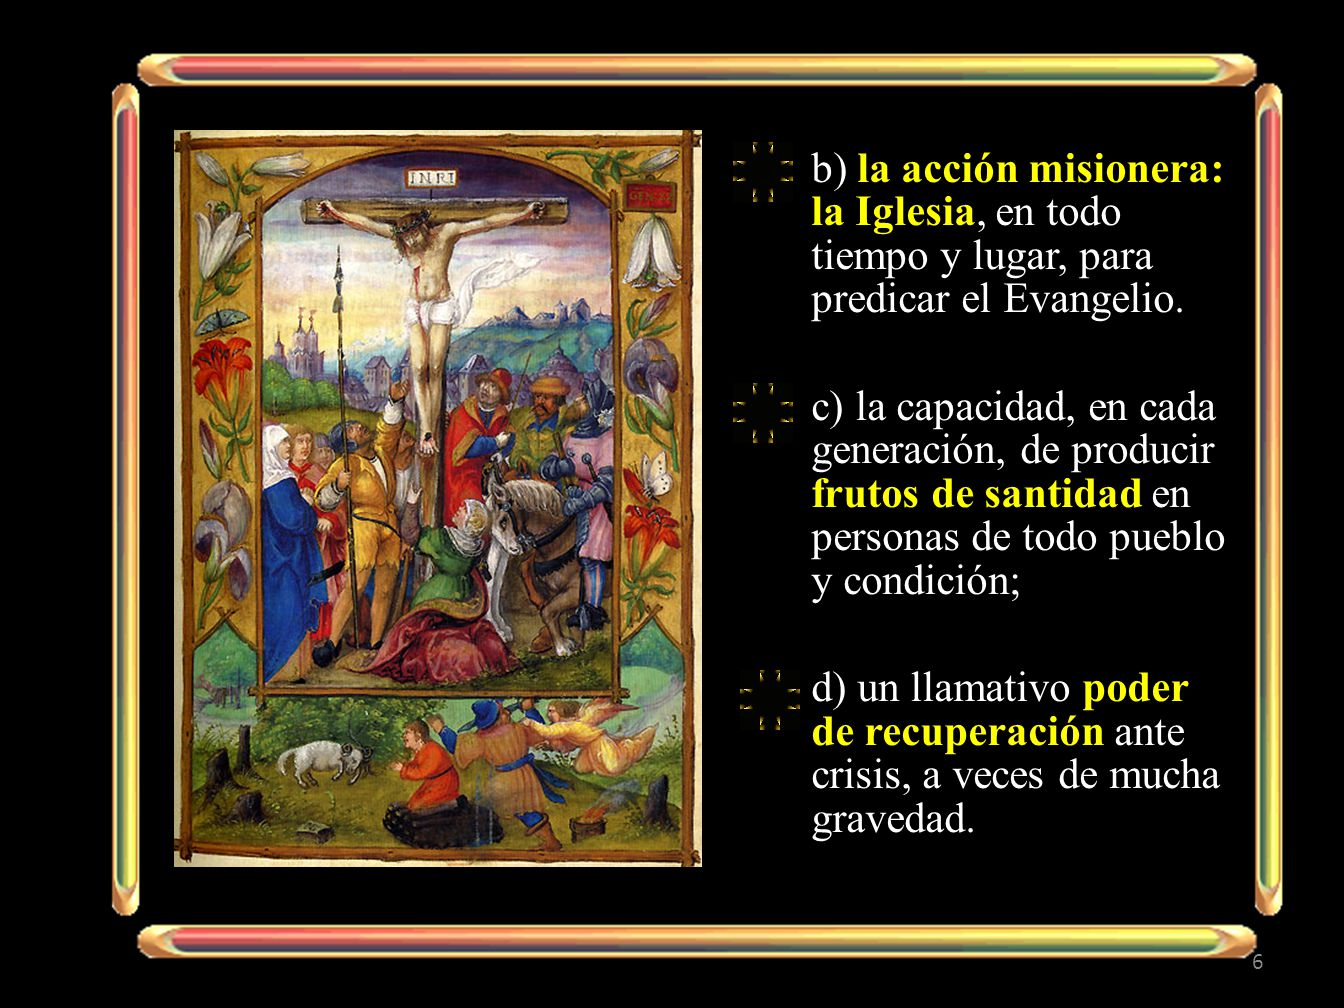 b) la acción misionera: la Iglesia, en todo tiempo y lugar, para predicar el Evangelio.